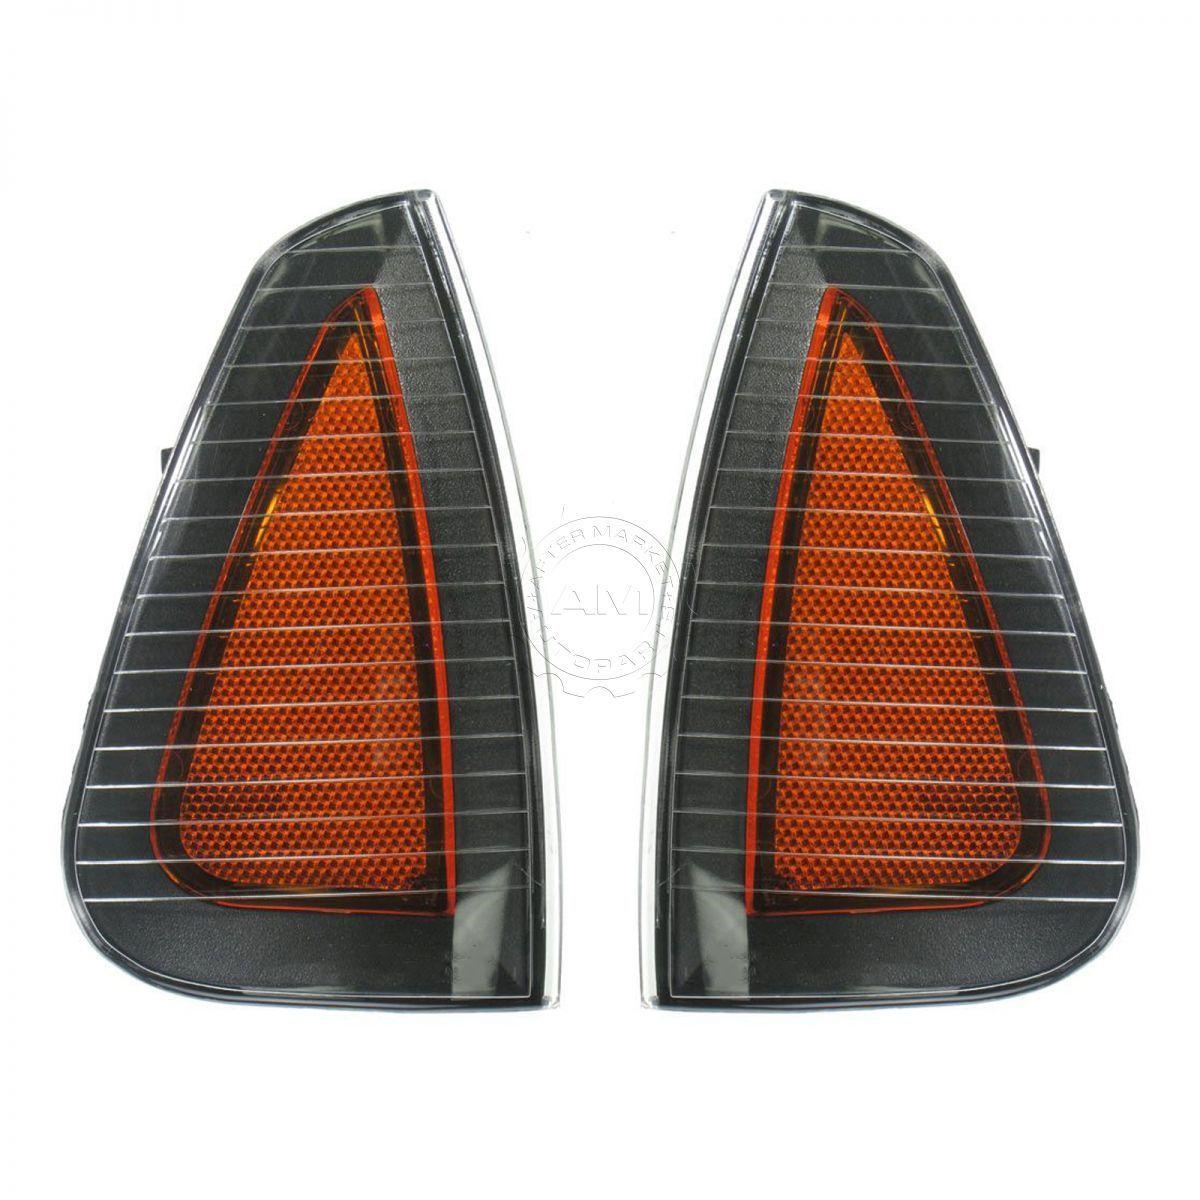 コーナーライト Side Marker Parking Turn Signal Corner Lights Pair Set NEW for 06-10 Charger サイドマーカーパーキングターンシグナルコーナーライトペアセット06-10チャージャー用NEW